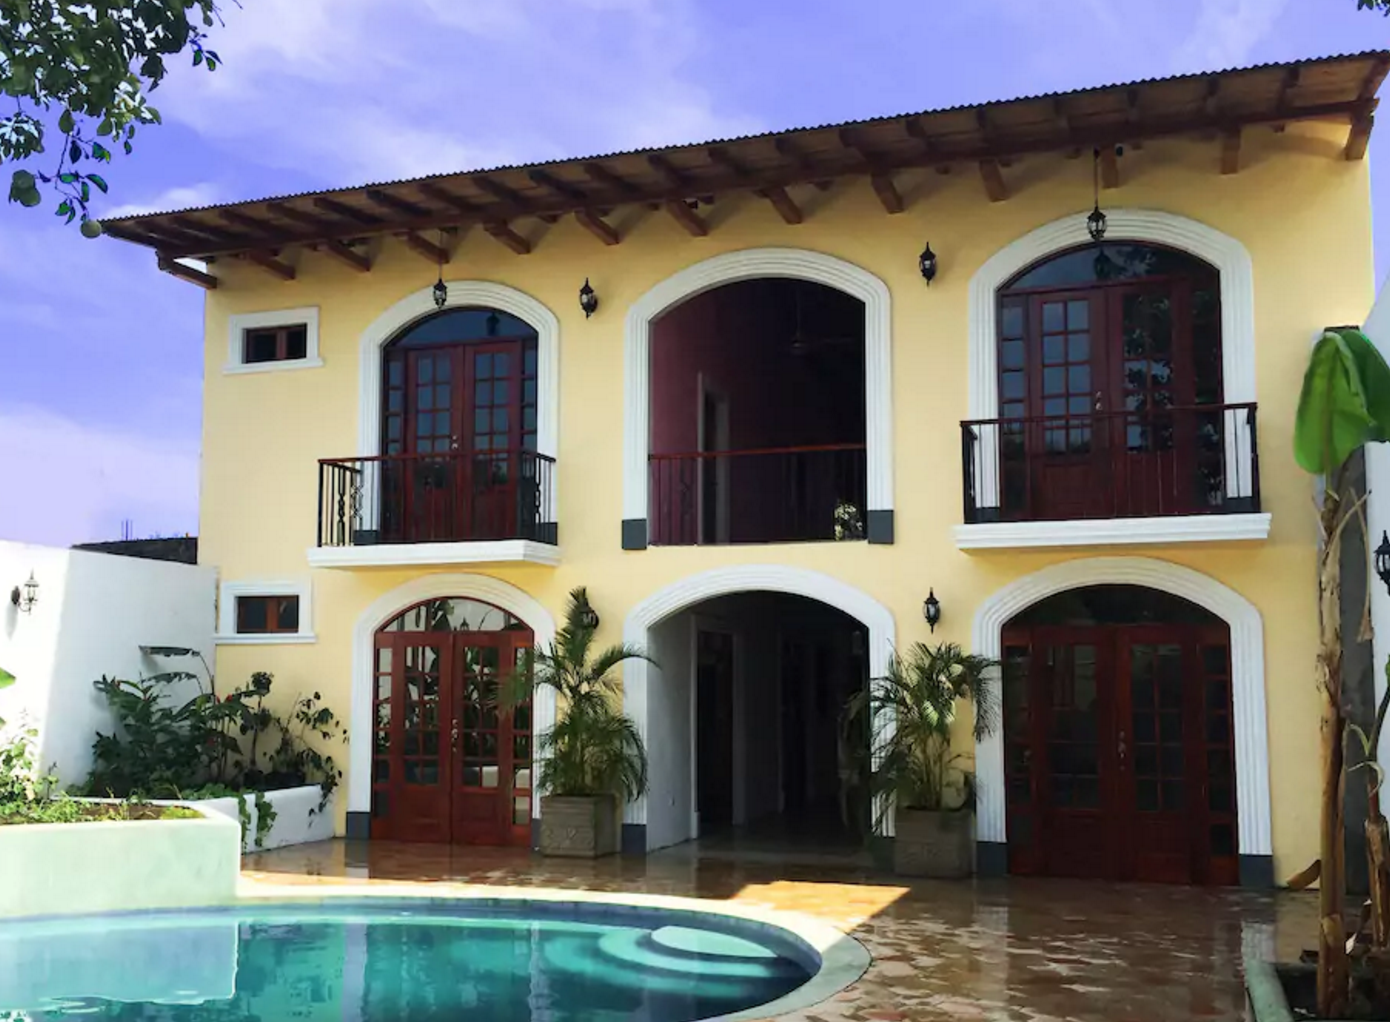 Fachada colonial Granada Nicaragua Fachada colonial, Casas